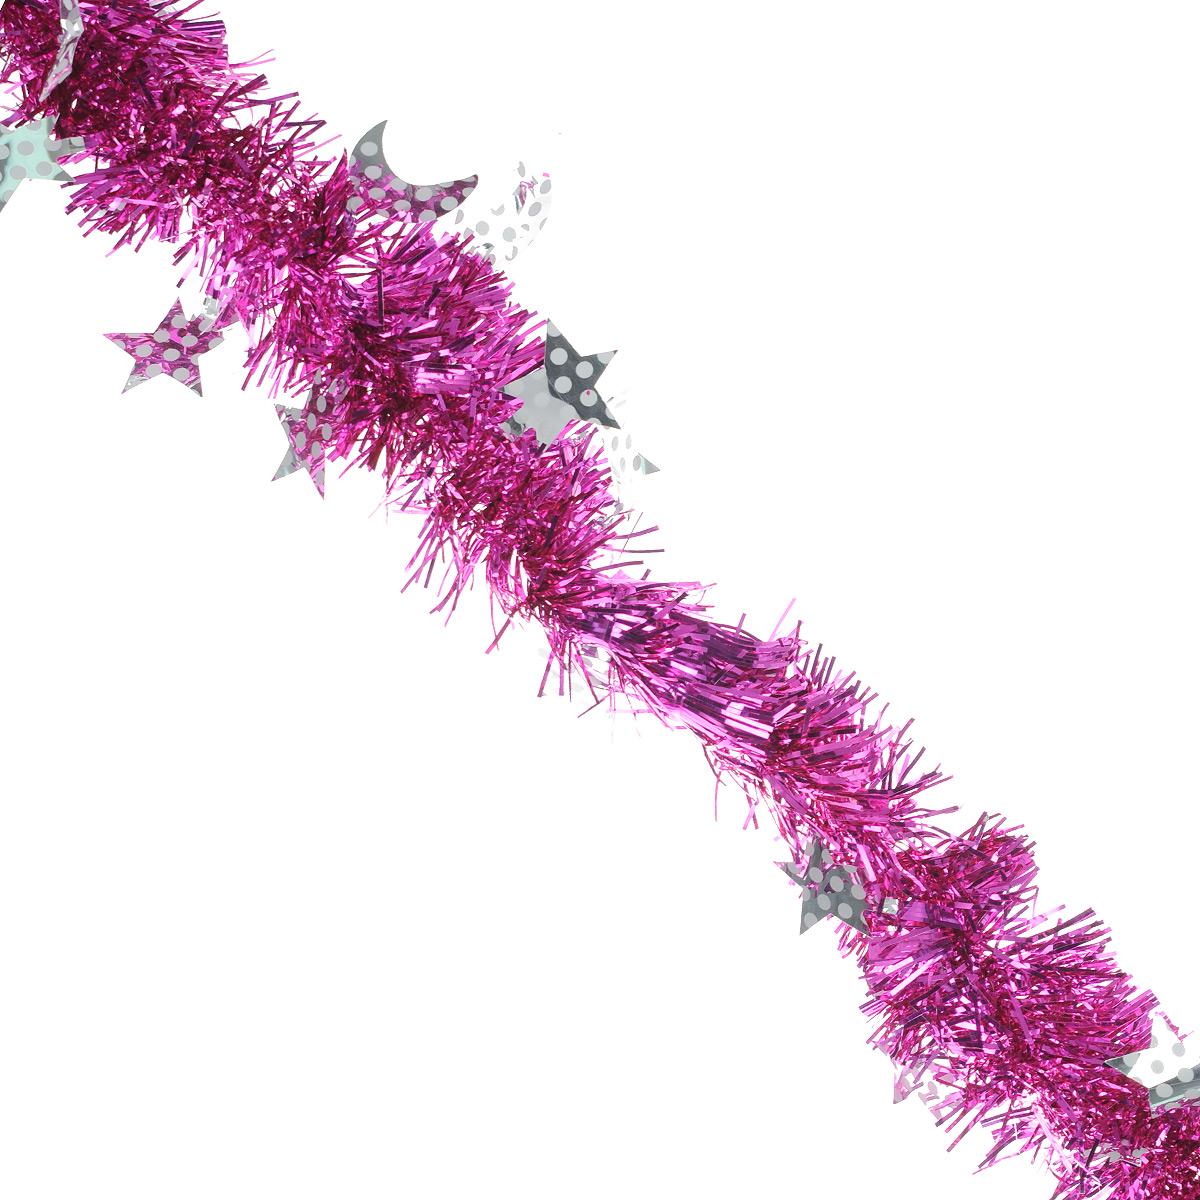 Мишура новогодняя Sima-land, цвет: серебристый, фиолетовый, диаметр 6 см, длина 2 м. 825974825974Мишура новогодняя Sima-land, выполненная из двухцветной фольги, поможет вам украсить свой дом к предстоящим праздникам. Мишура армирована, то есть имеет проволоку внутри и способна сохранять приданную ей форму.Новогодняя елка с таким украшением станет еще наряднее. Новогодней мишурой можно украсить все, что угодно - елку, квартиру, дачу, офис - как внутри, так и снаружи. Можно сложить новогодние поздравления, буквы и цифры, мишурой можно украсить и дополнить гирлянды, можно выделить дверные колонны, оплести дверные проемы. Коллекция декоративных украшений из серии Зимнее волшебство принесет в ваш дом ни с чем несравнимое ощущение праздника! Создайте в своем доме атмосферу тепла, веселья и радости, украшая его всей семьей.